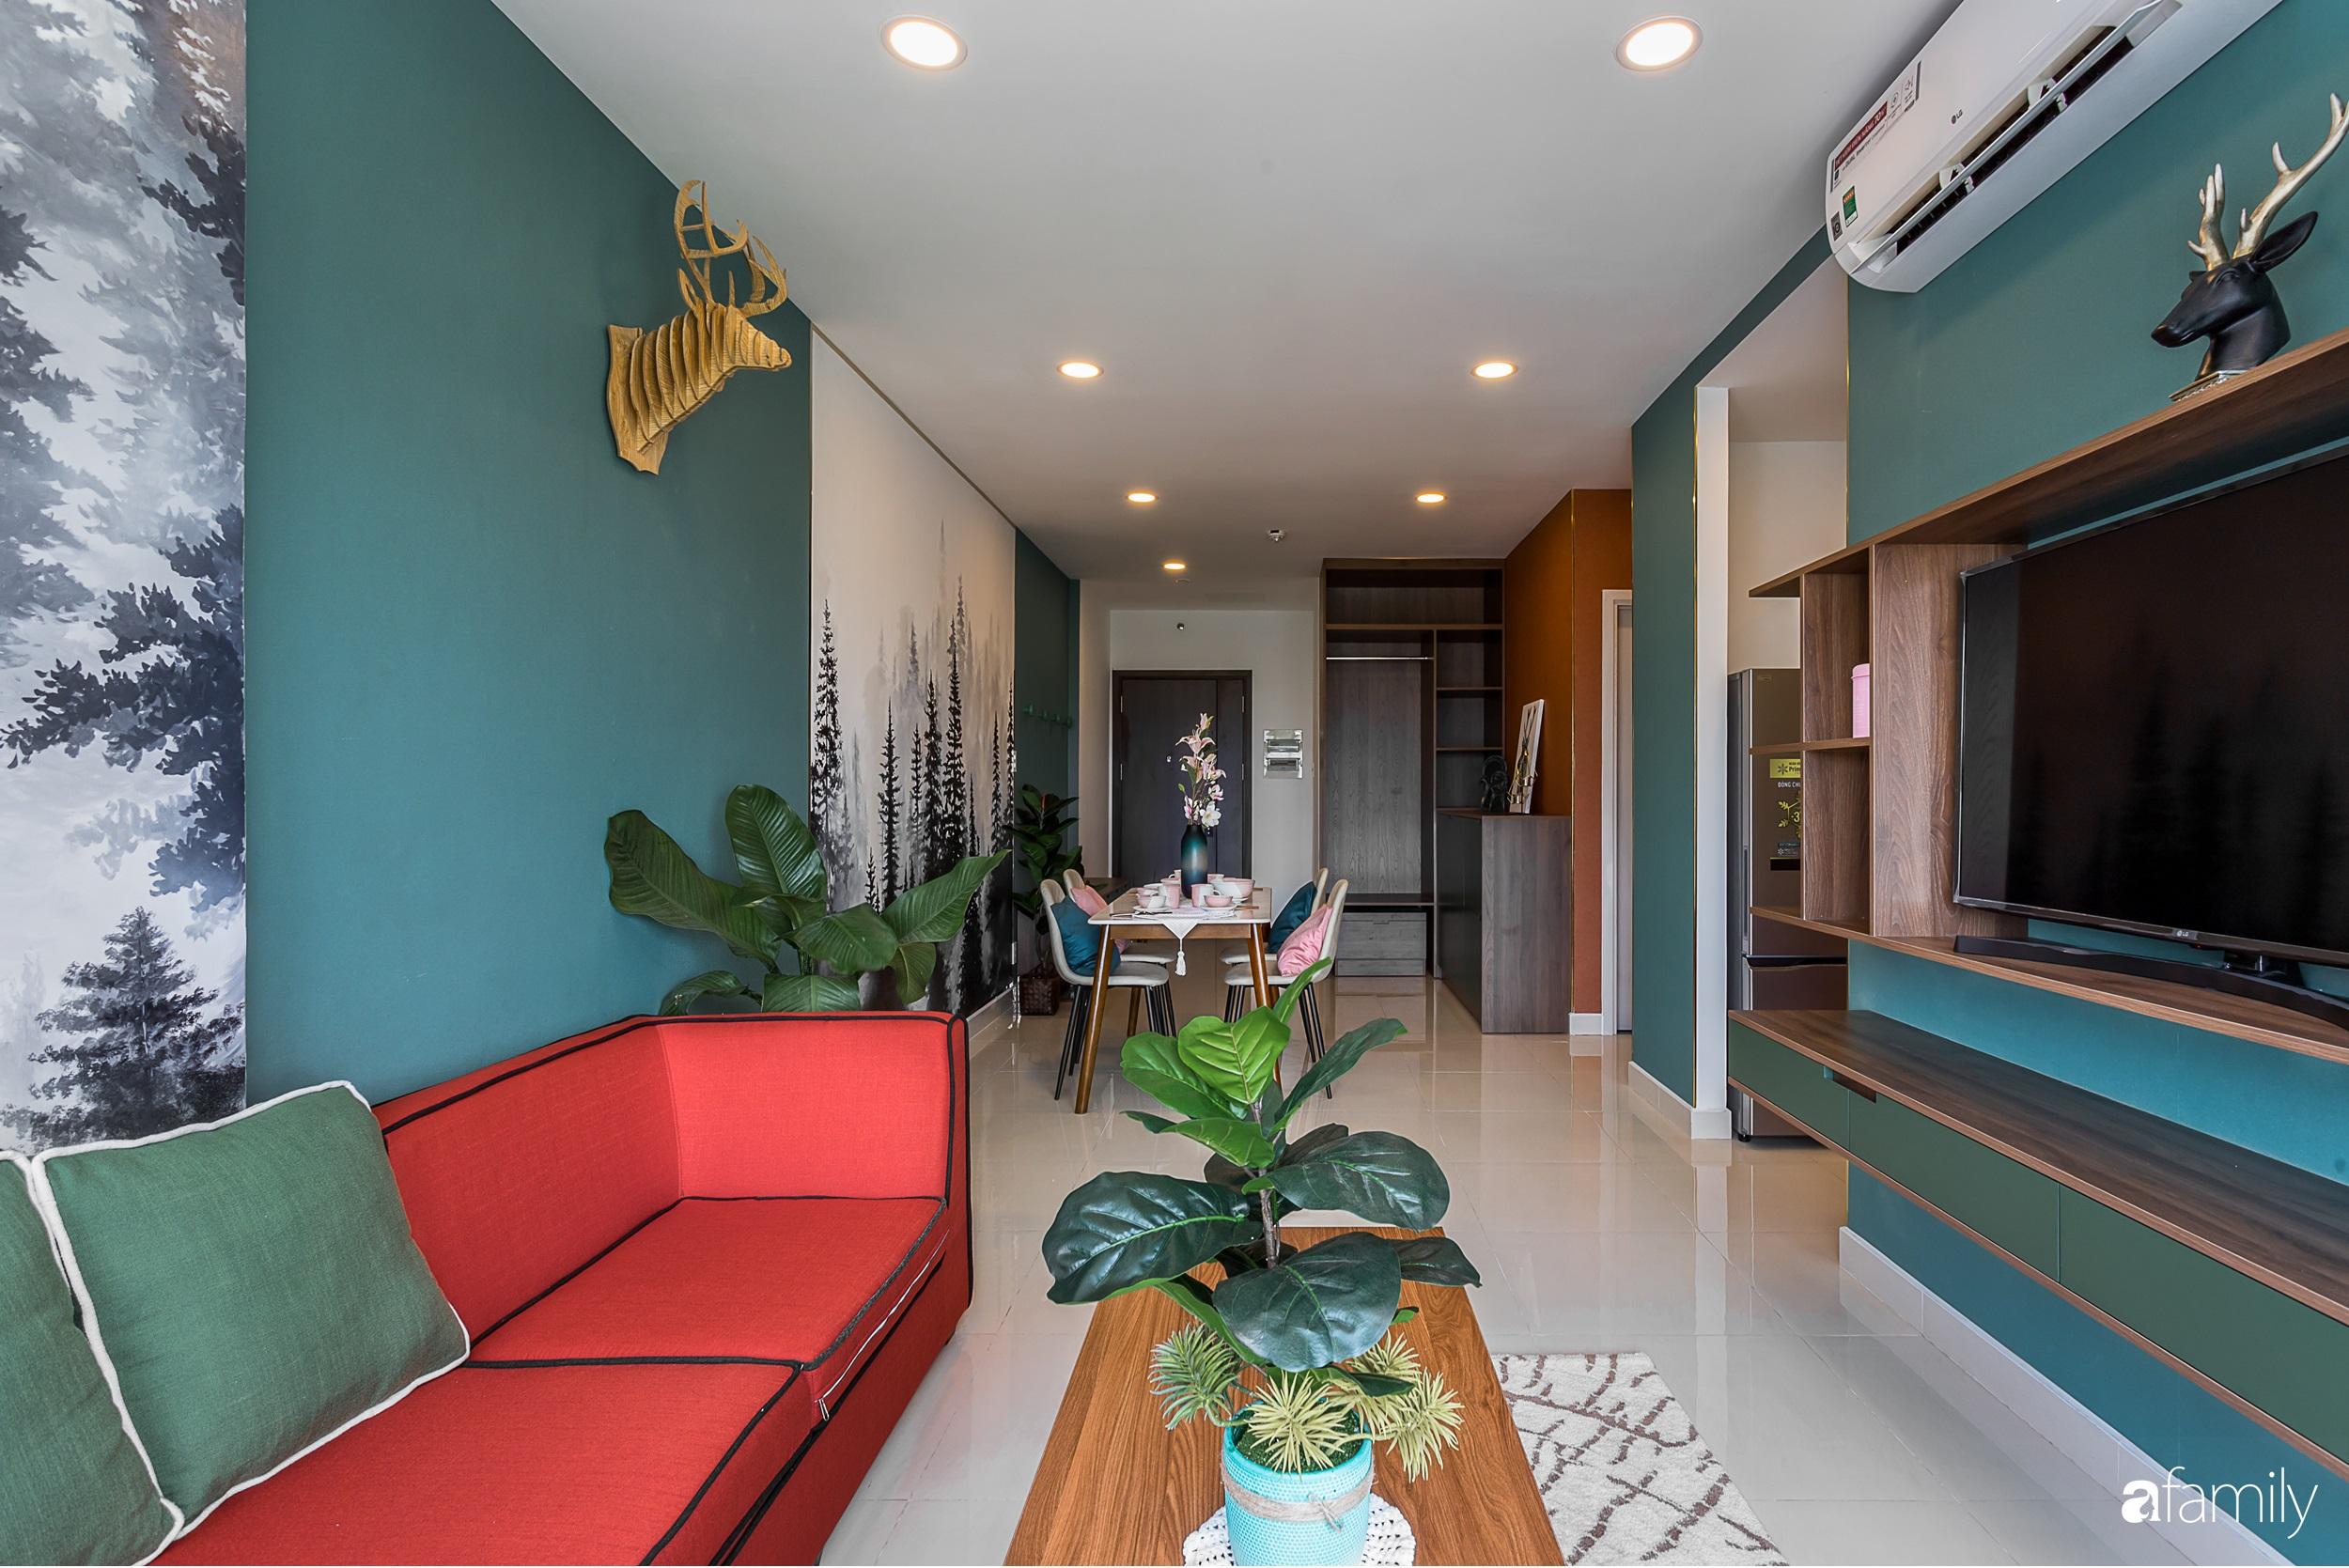 """Lạc bước vào """"rừng nhiệt đới"""" trong căn hộ 70m² ở quận Phú Nhuận, TP. HCM - Ảnh 11."""